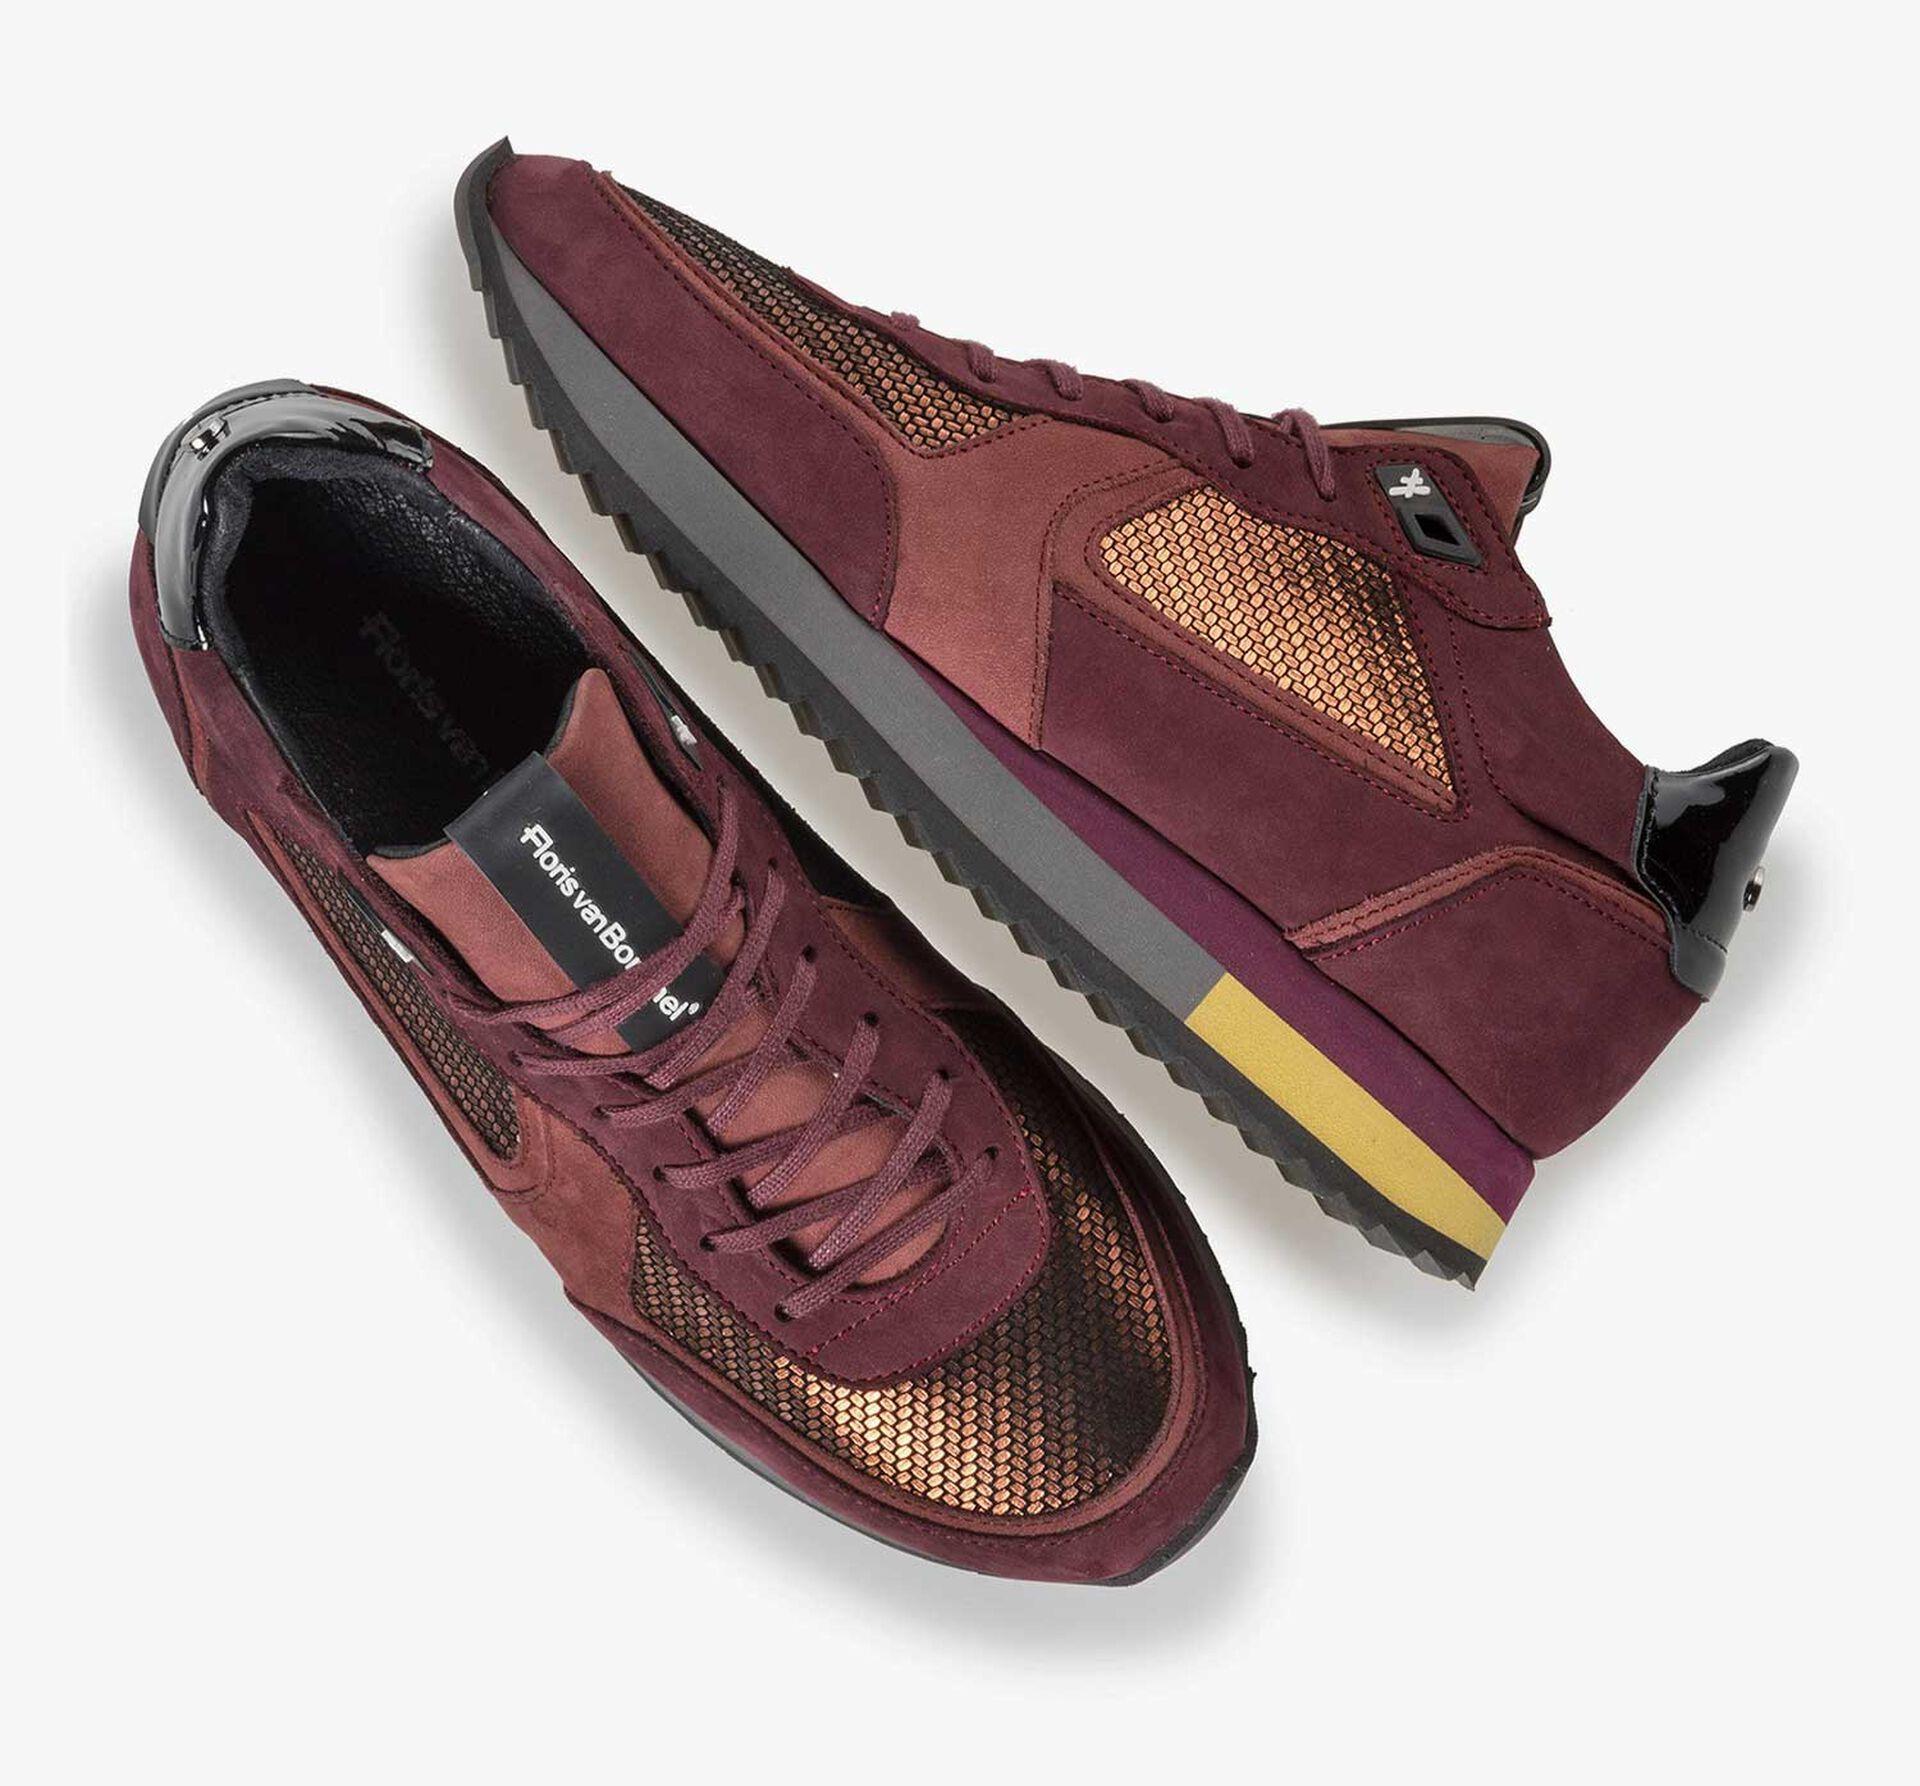 Koperkleurige suède sneaker met metallicprint